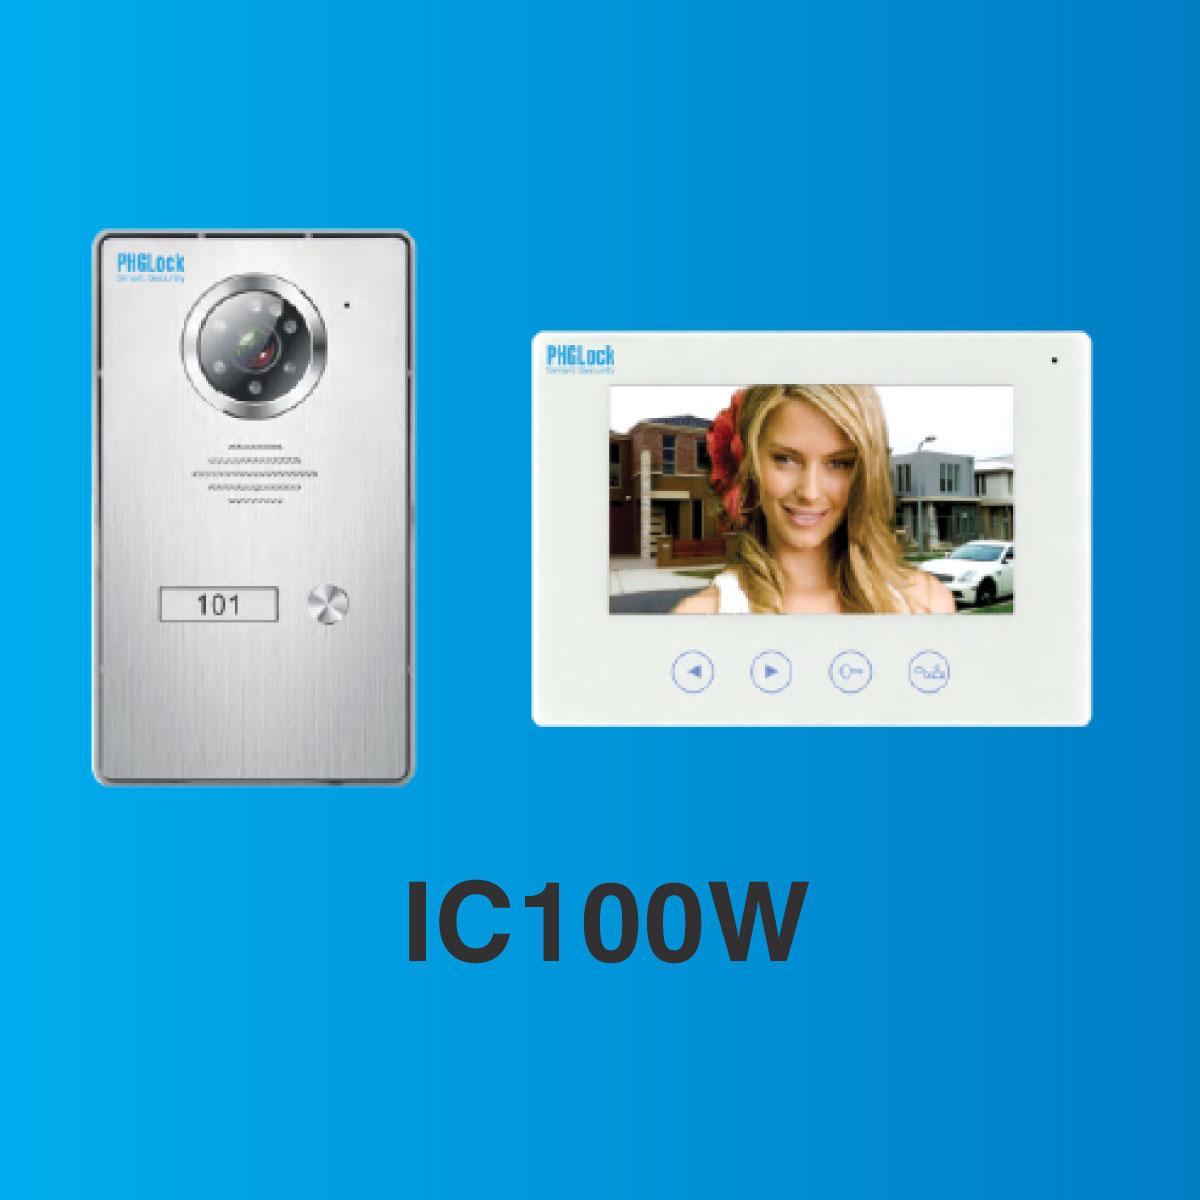 Đèn dùng năng lượng mặt trời Bộ chuông cửa màn hình màu PHGLock IC100W ,PHGLock IC100W,Chuông cửa màn hình cảm ứng PHGLOCK IC100W